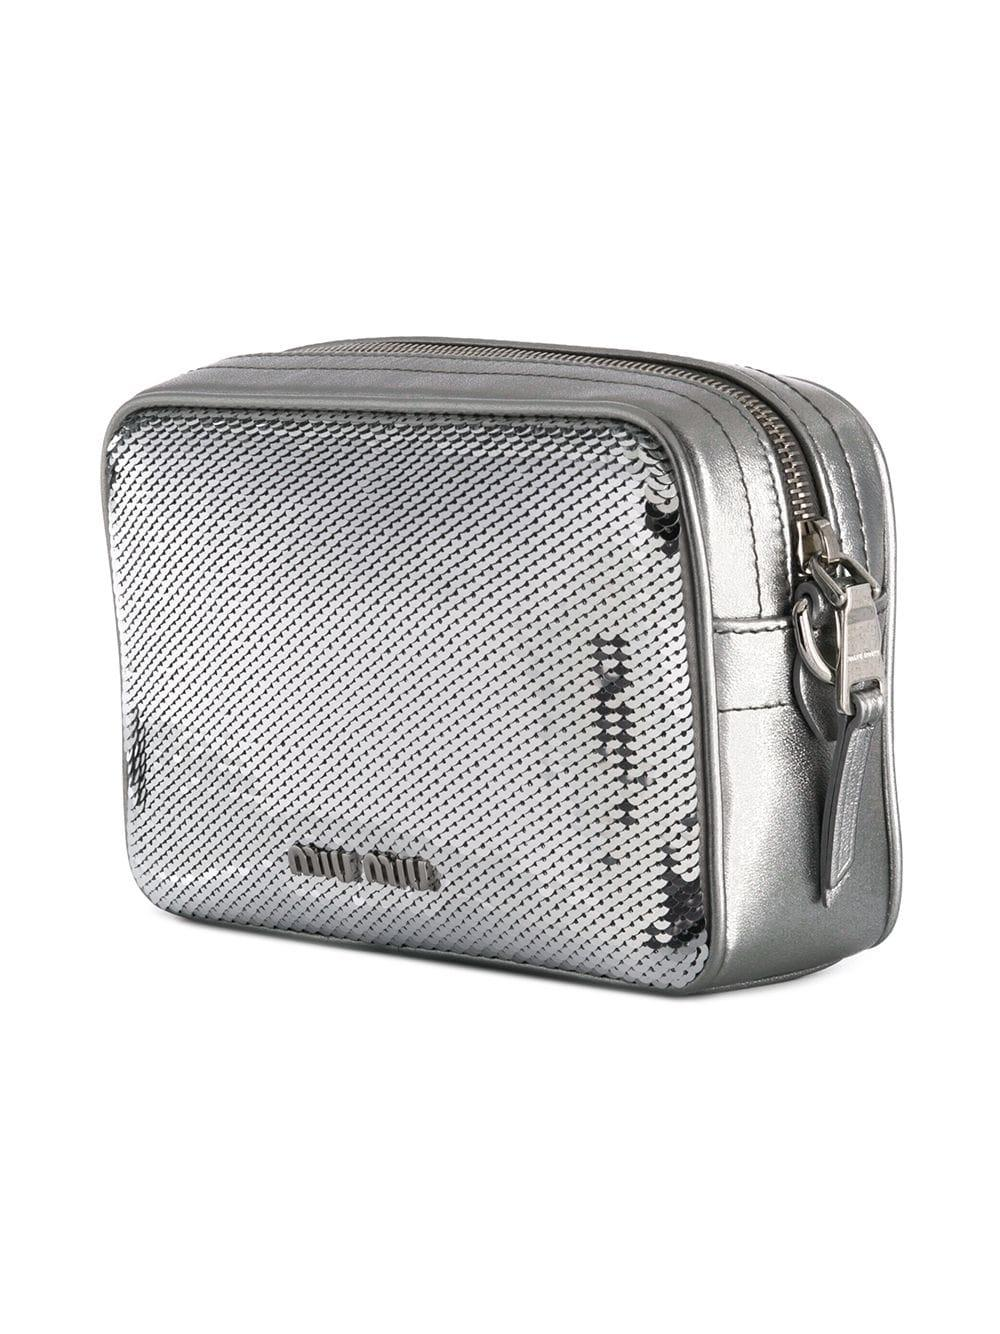 143db2ad7af5 Miu Miu - Metallic Sequined Logo Crossbody Bag - Lyst. View fullscreen